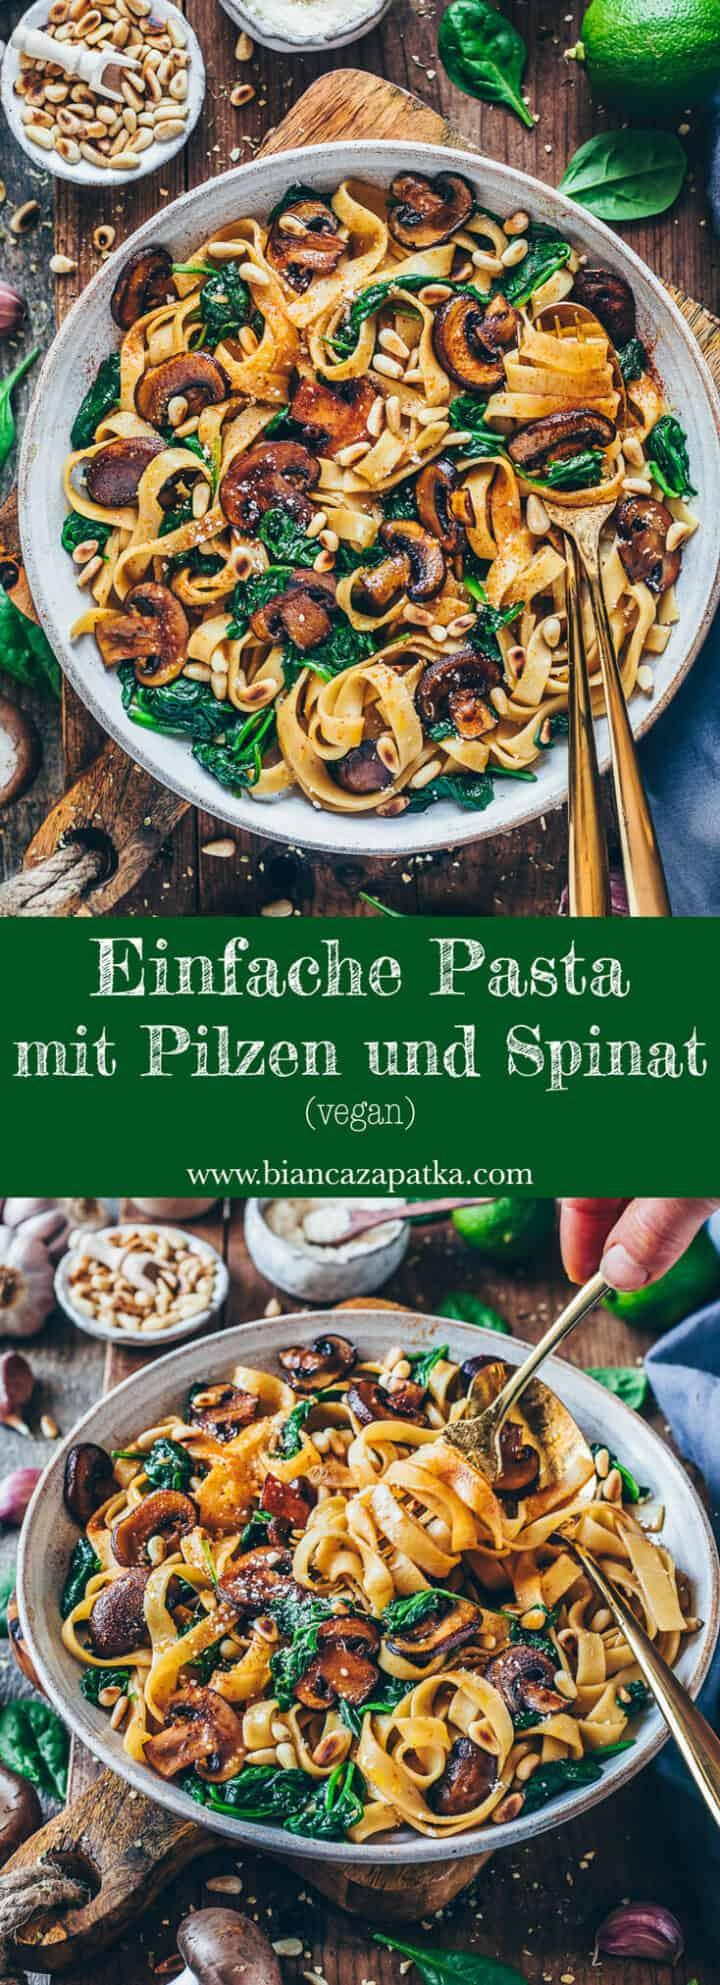 Ein schnelles Rezept für einfache Pilz-Pasta mit Spinat. Dieses Nudelgericht ist vegan, gesund, super lecker und in nur 15 Minuten fertig! Es ist perfekt zum Mittagessen oder Abendessen und kann auch glutenfrei zubereitet werden.